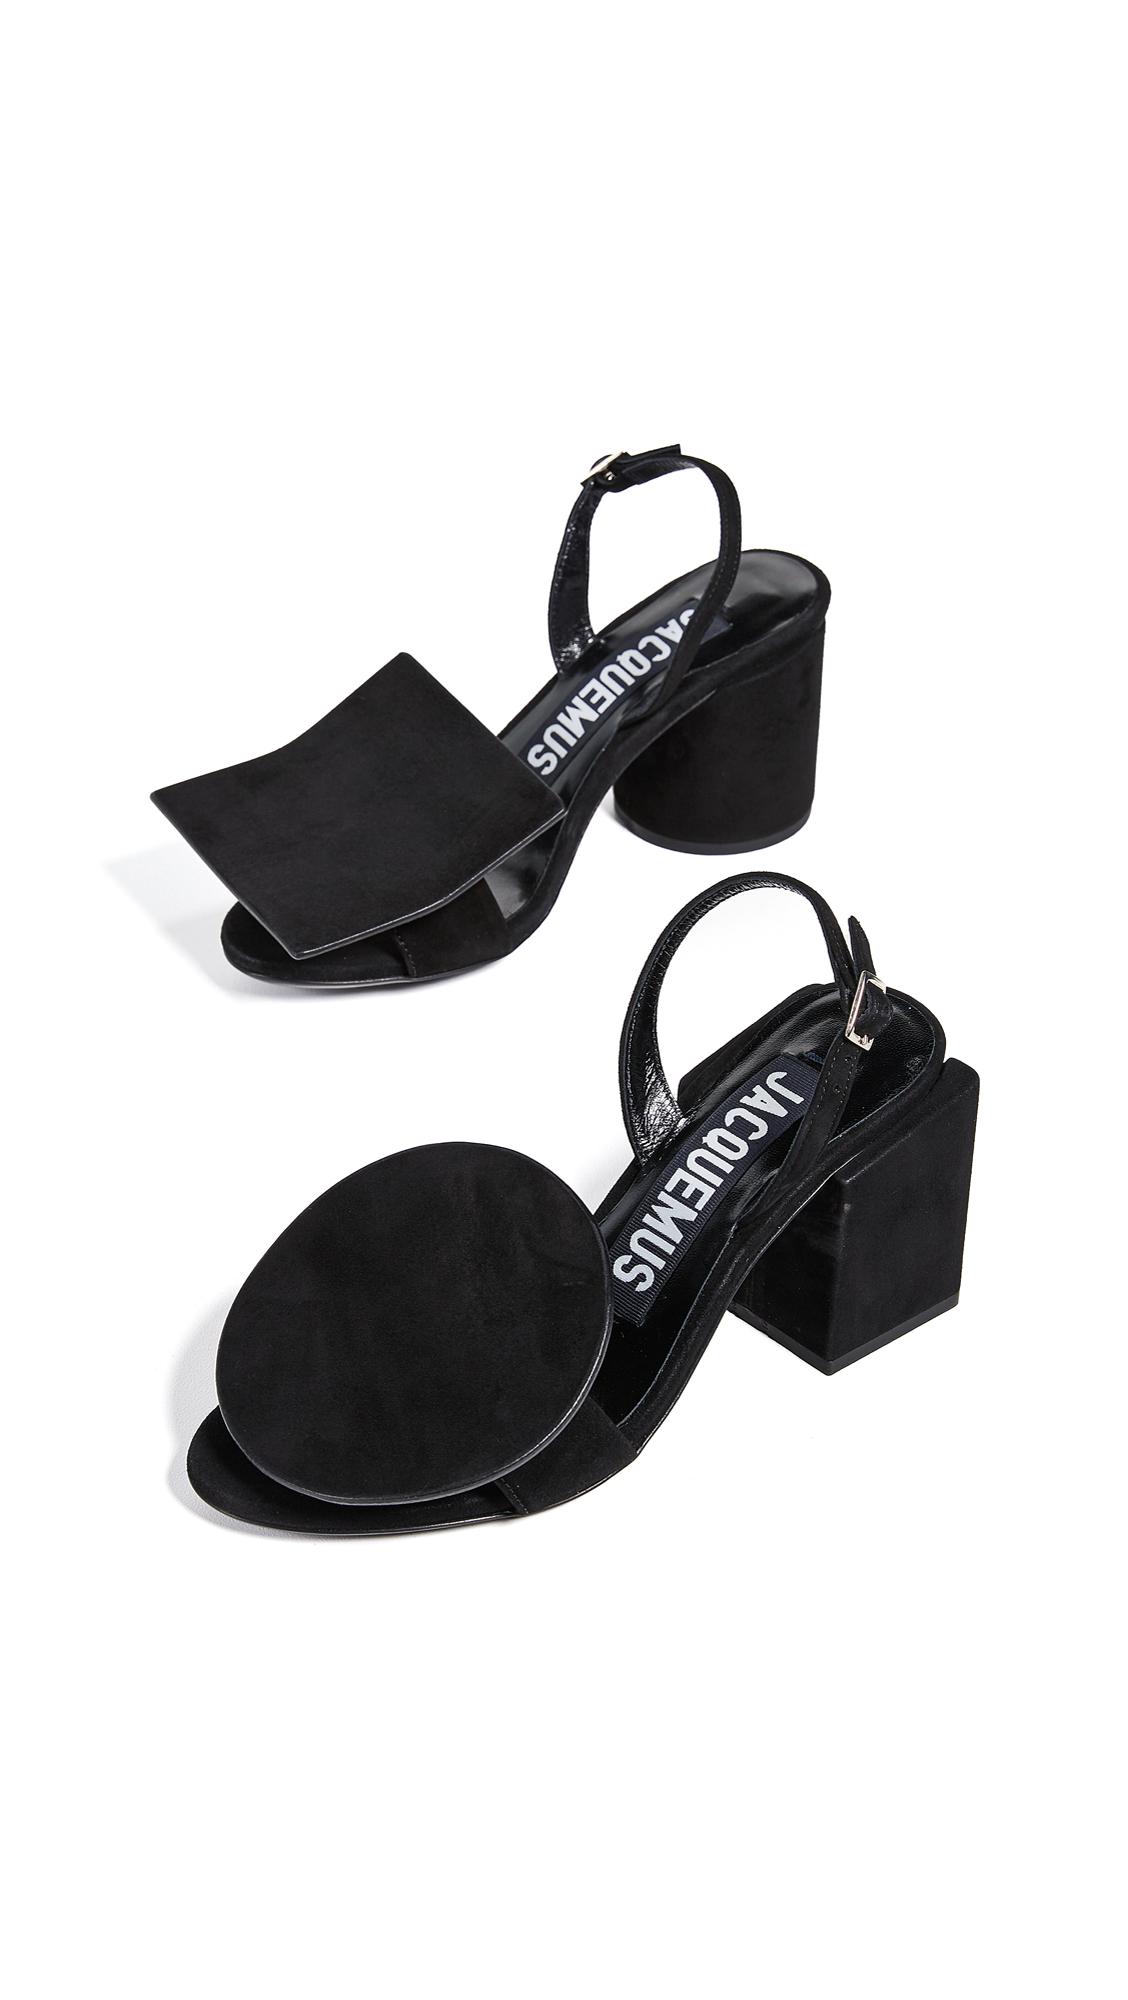 Jacquemus Les Rond Carre Sandals - Black